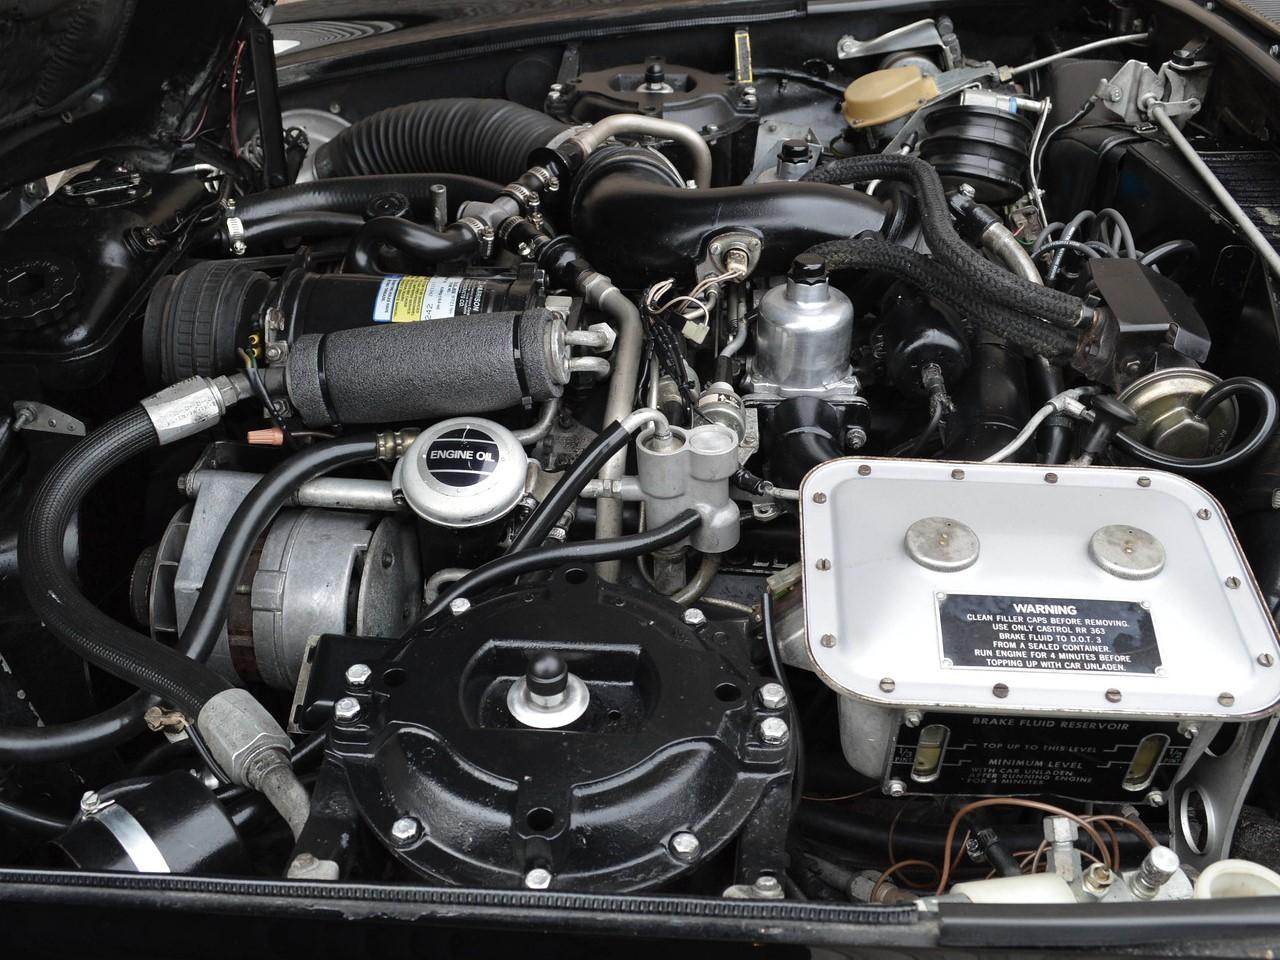 6.75 litre V8 4